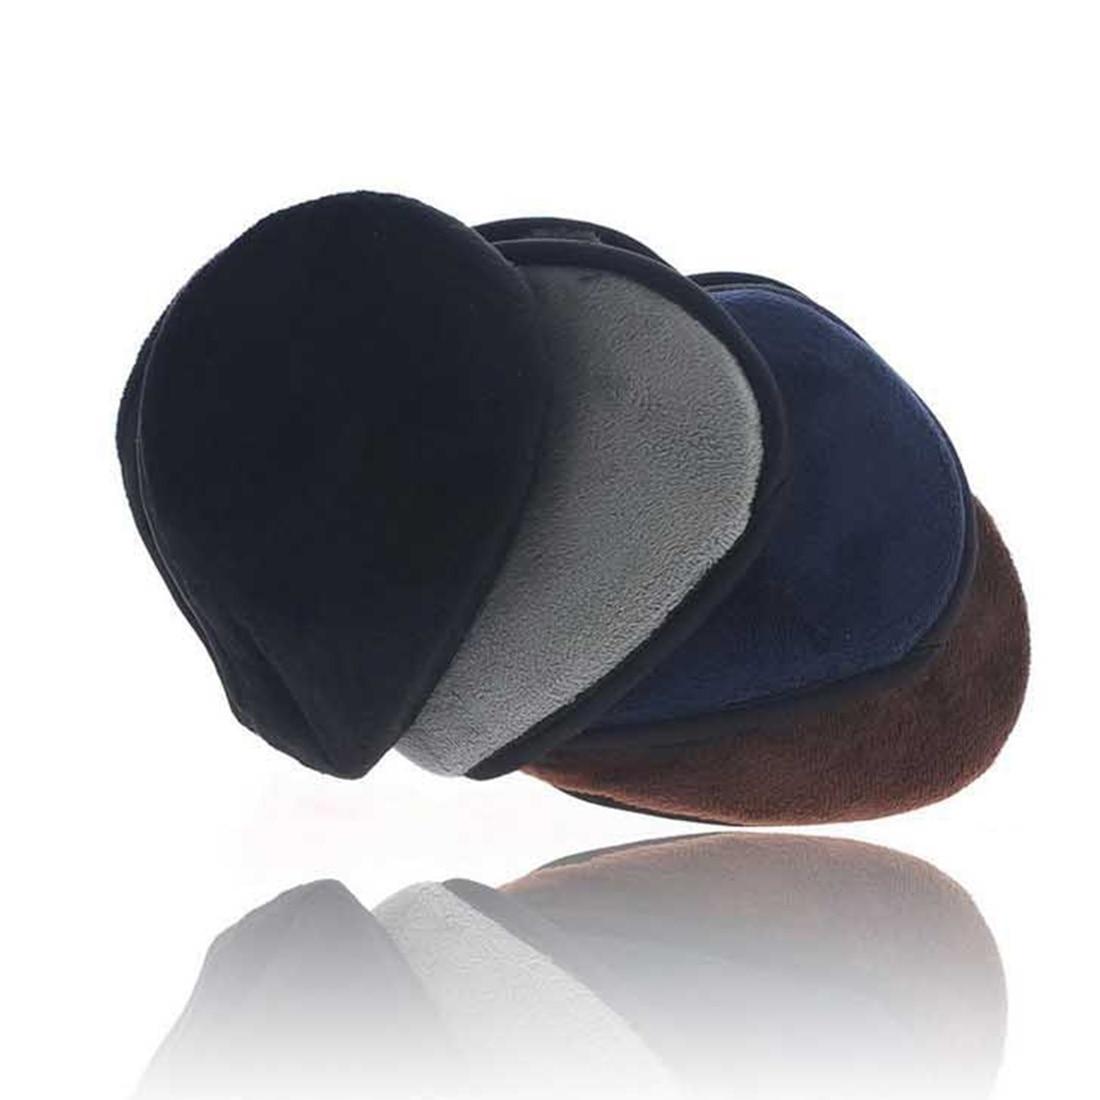 Top Sell Men Women Unisex Soft Comfortable Fleece Wrap Around Headwear Autumn Winter Ear Warmers Earmuffs